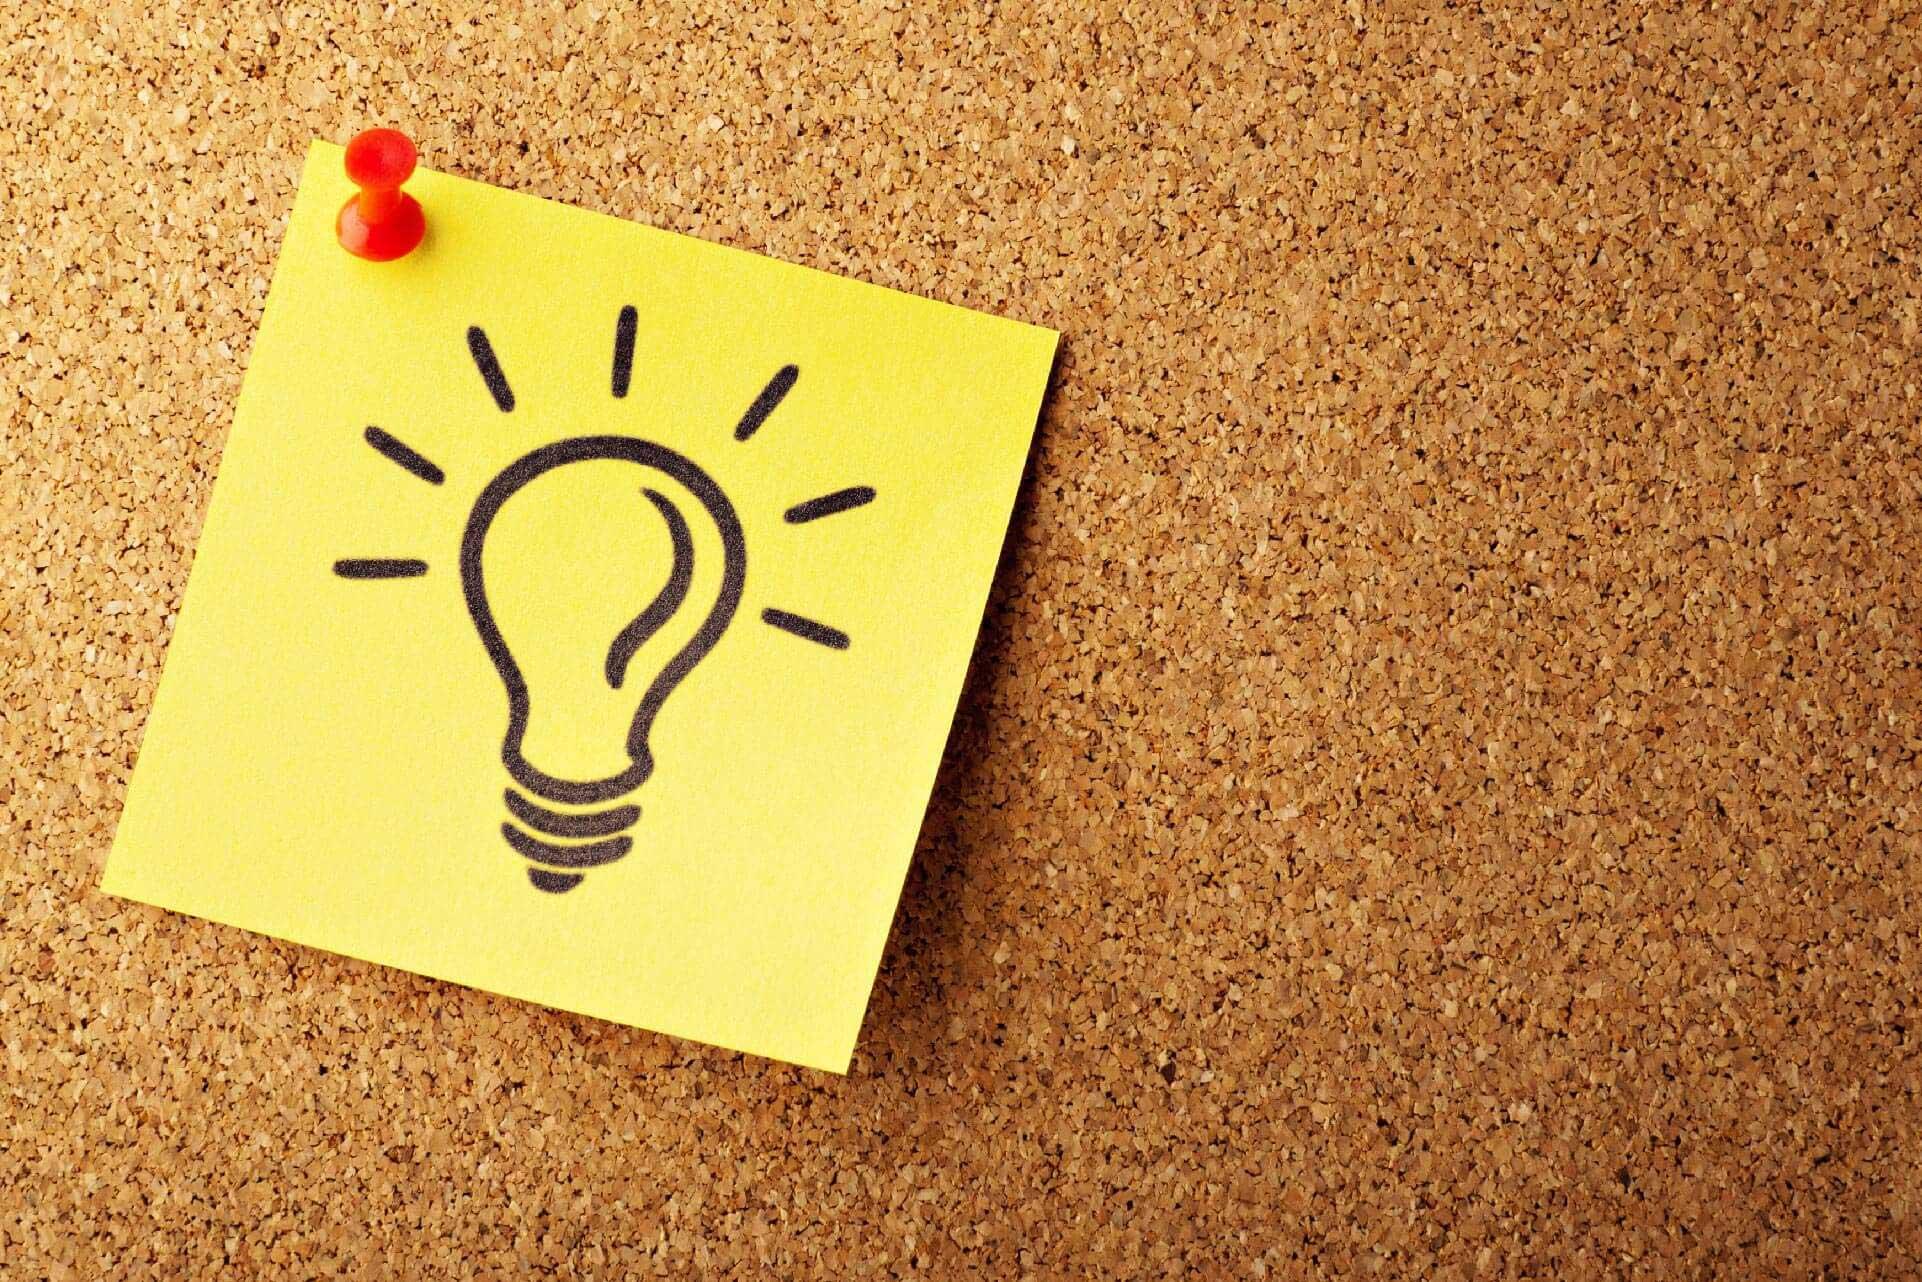 Covid-19: Quelle stratégie de communication choisir?